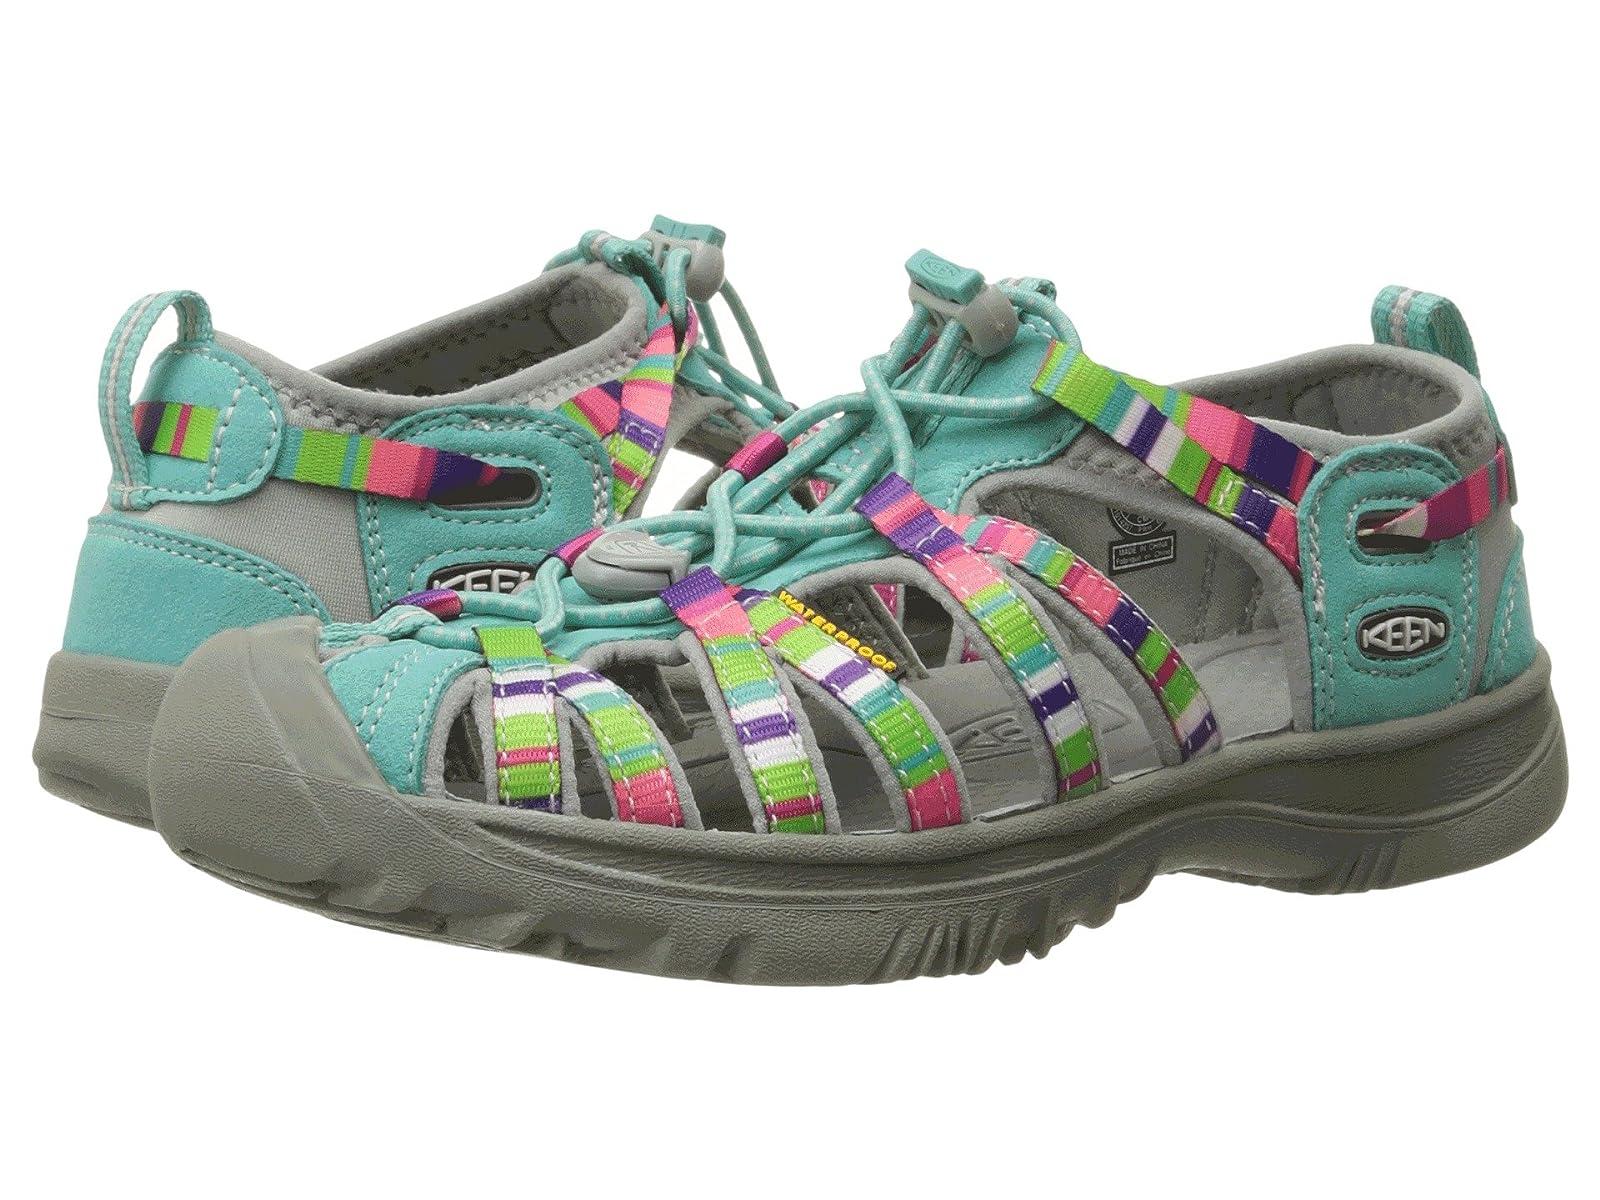 Keen Kids Whisper (Little Kid/Big Kid)Atmospheric grades have affordable shoes